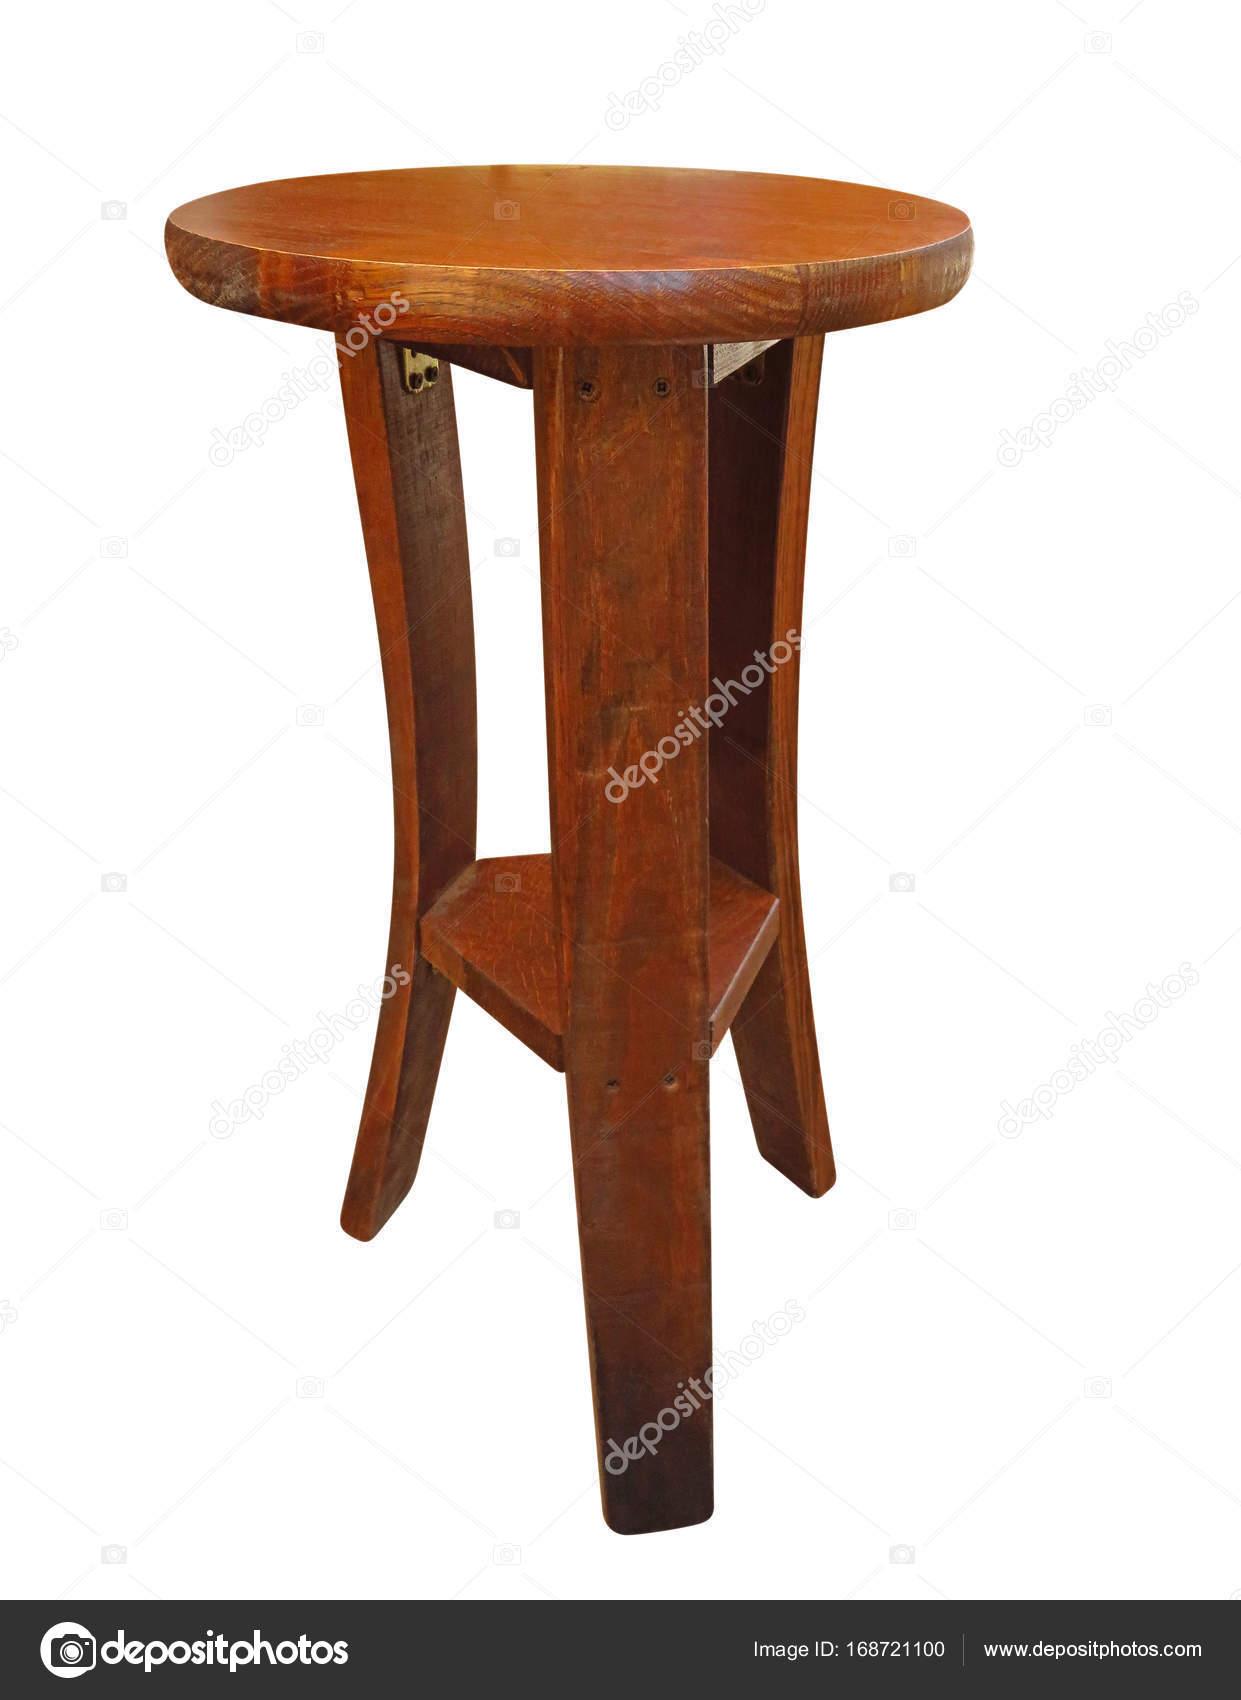 Runde Holzsitz — Stockfoto © venakr #168721100